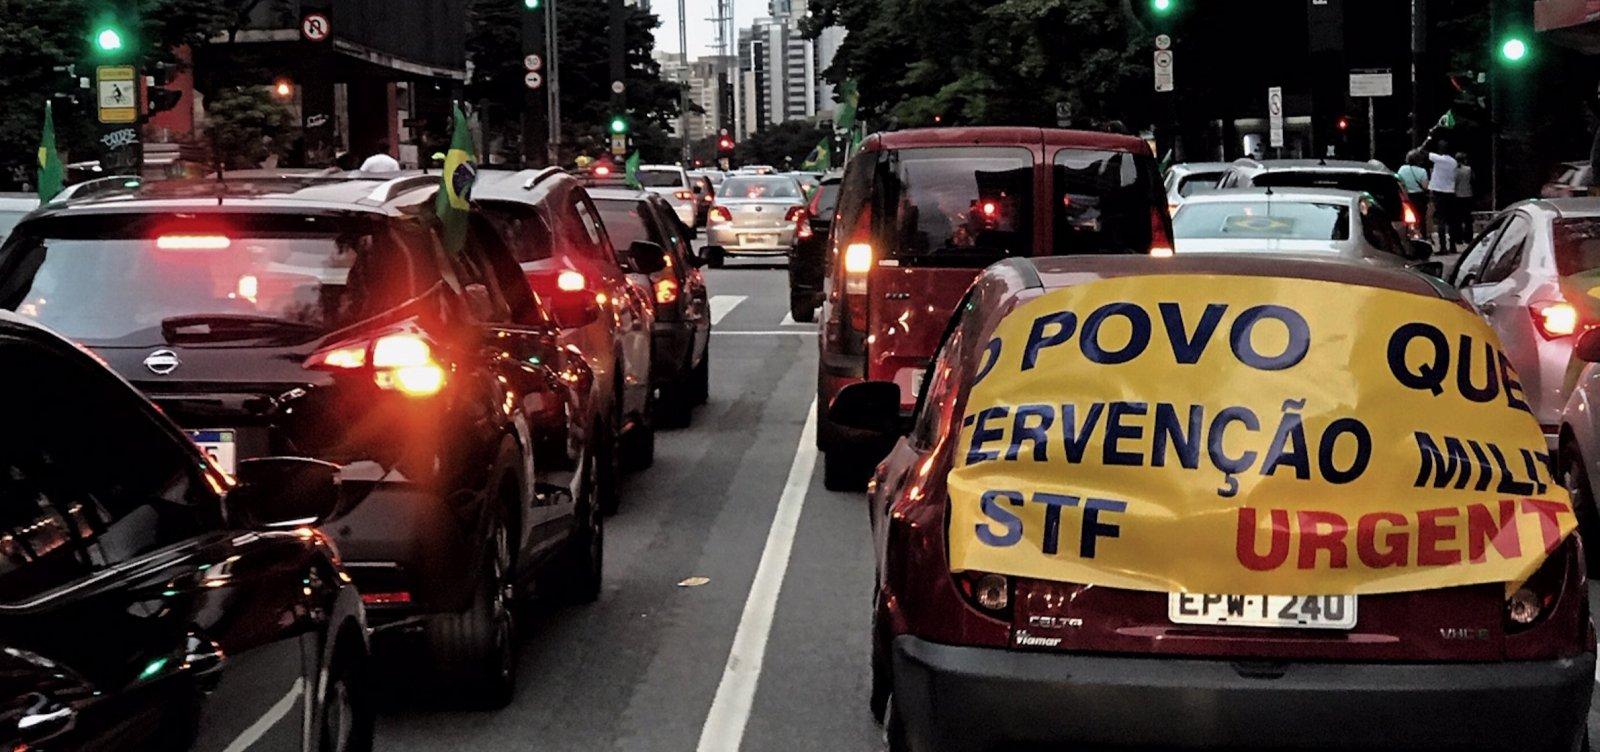 [Polícia Federal cumpre 21 mandados em inquérito que investiga atos contra democracia]